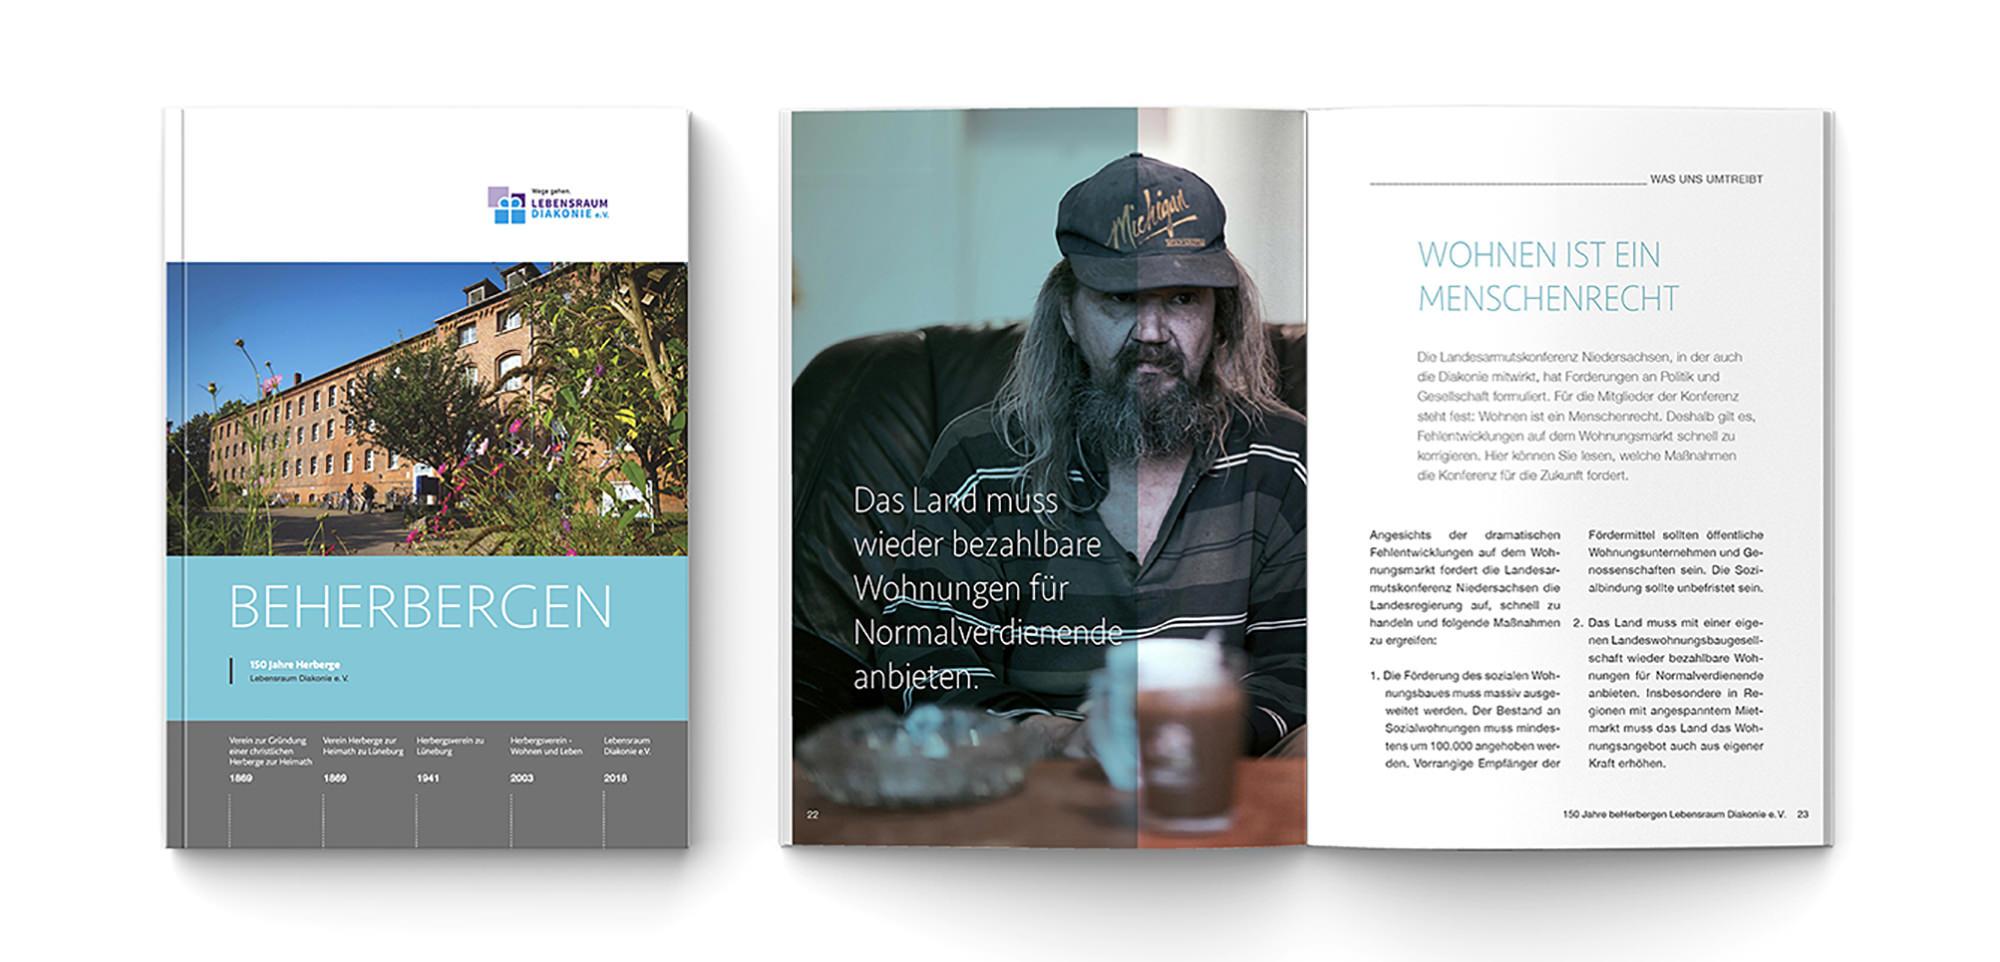 Neuestes Projekt vom Lüneburger Kreativ Kontor Broschüre Beherbergen